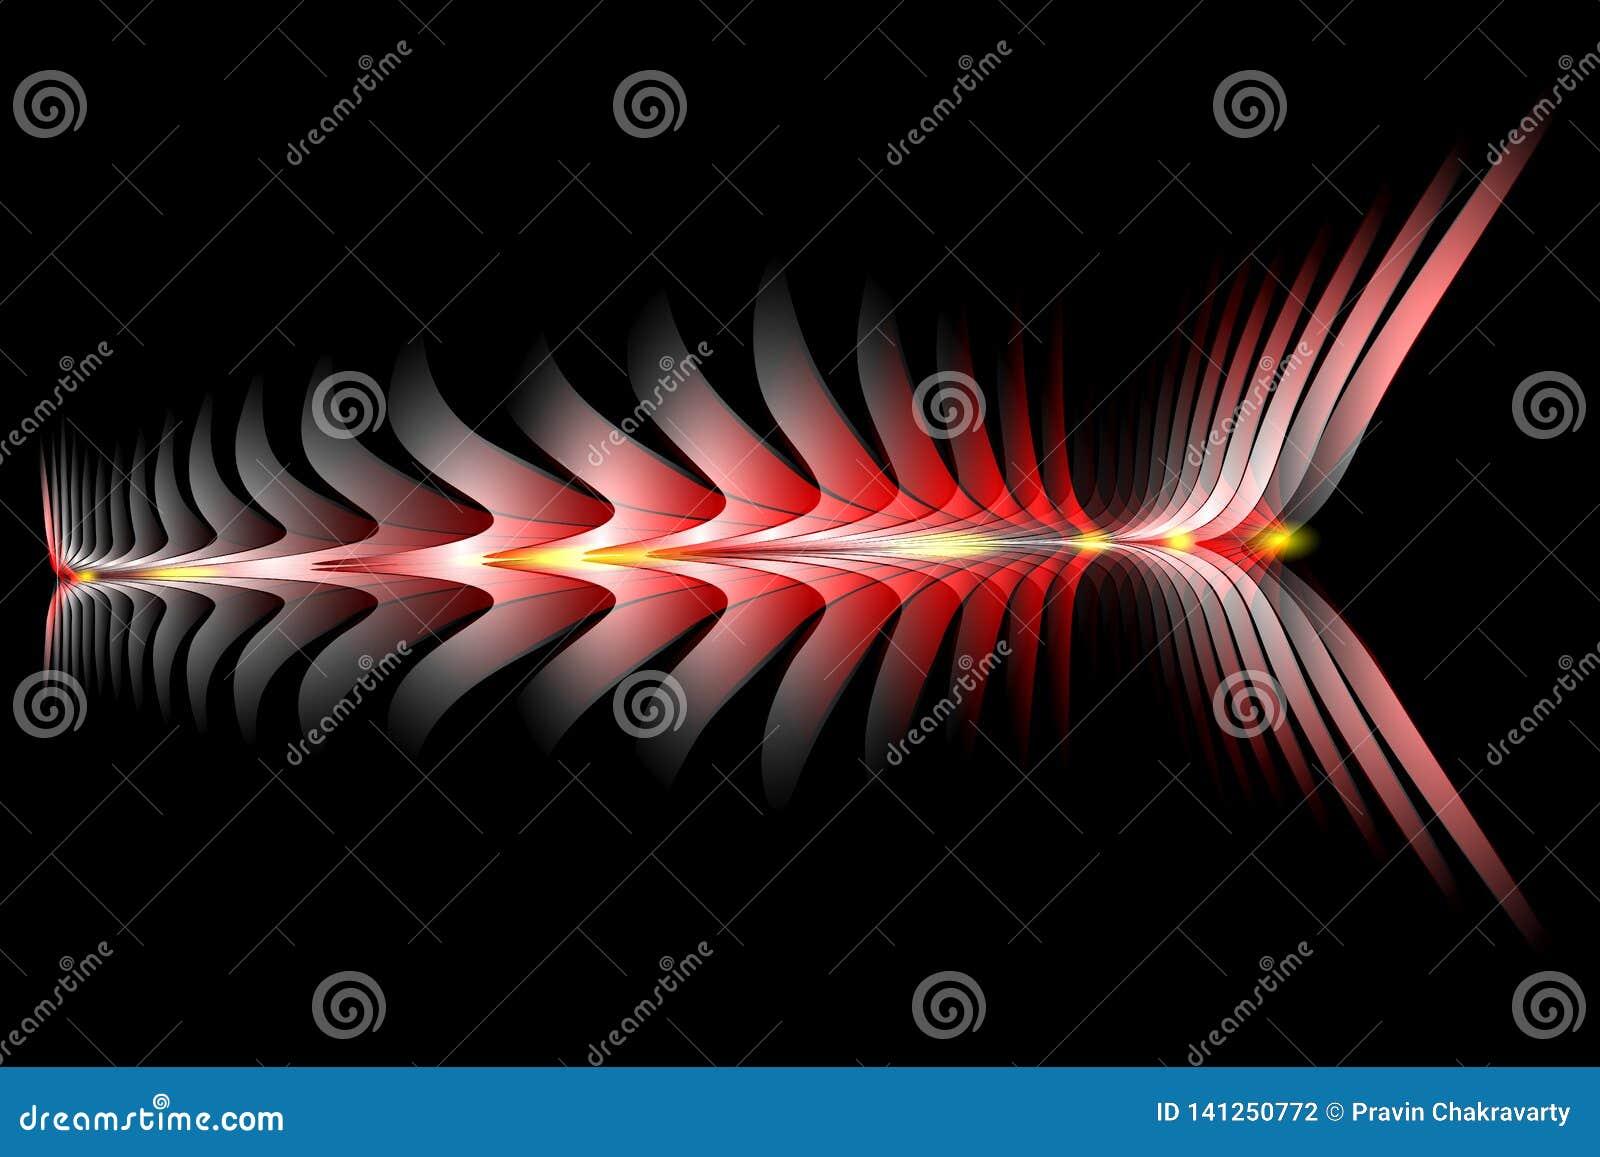 Abstract vector multicolored in de schaduw gesteld golvend behang als achtergrond levendige kleuren vectorillustratie